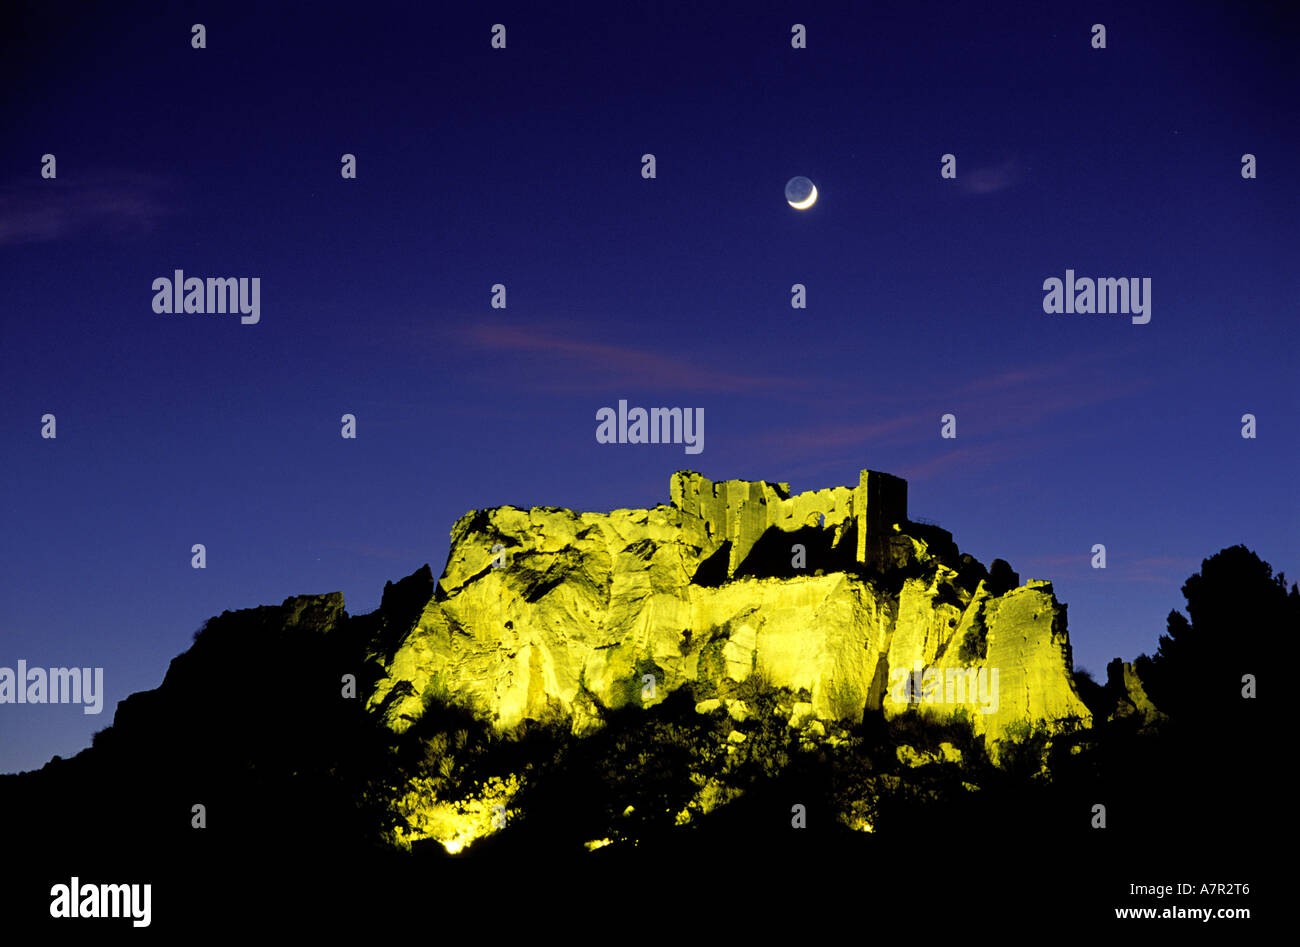 France, Bouches du Rhone, Les Baux de Provence village, ruins of castle and donjon - Stock Image